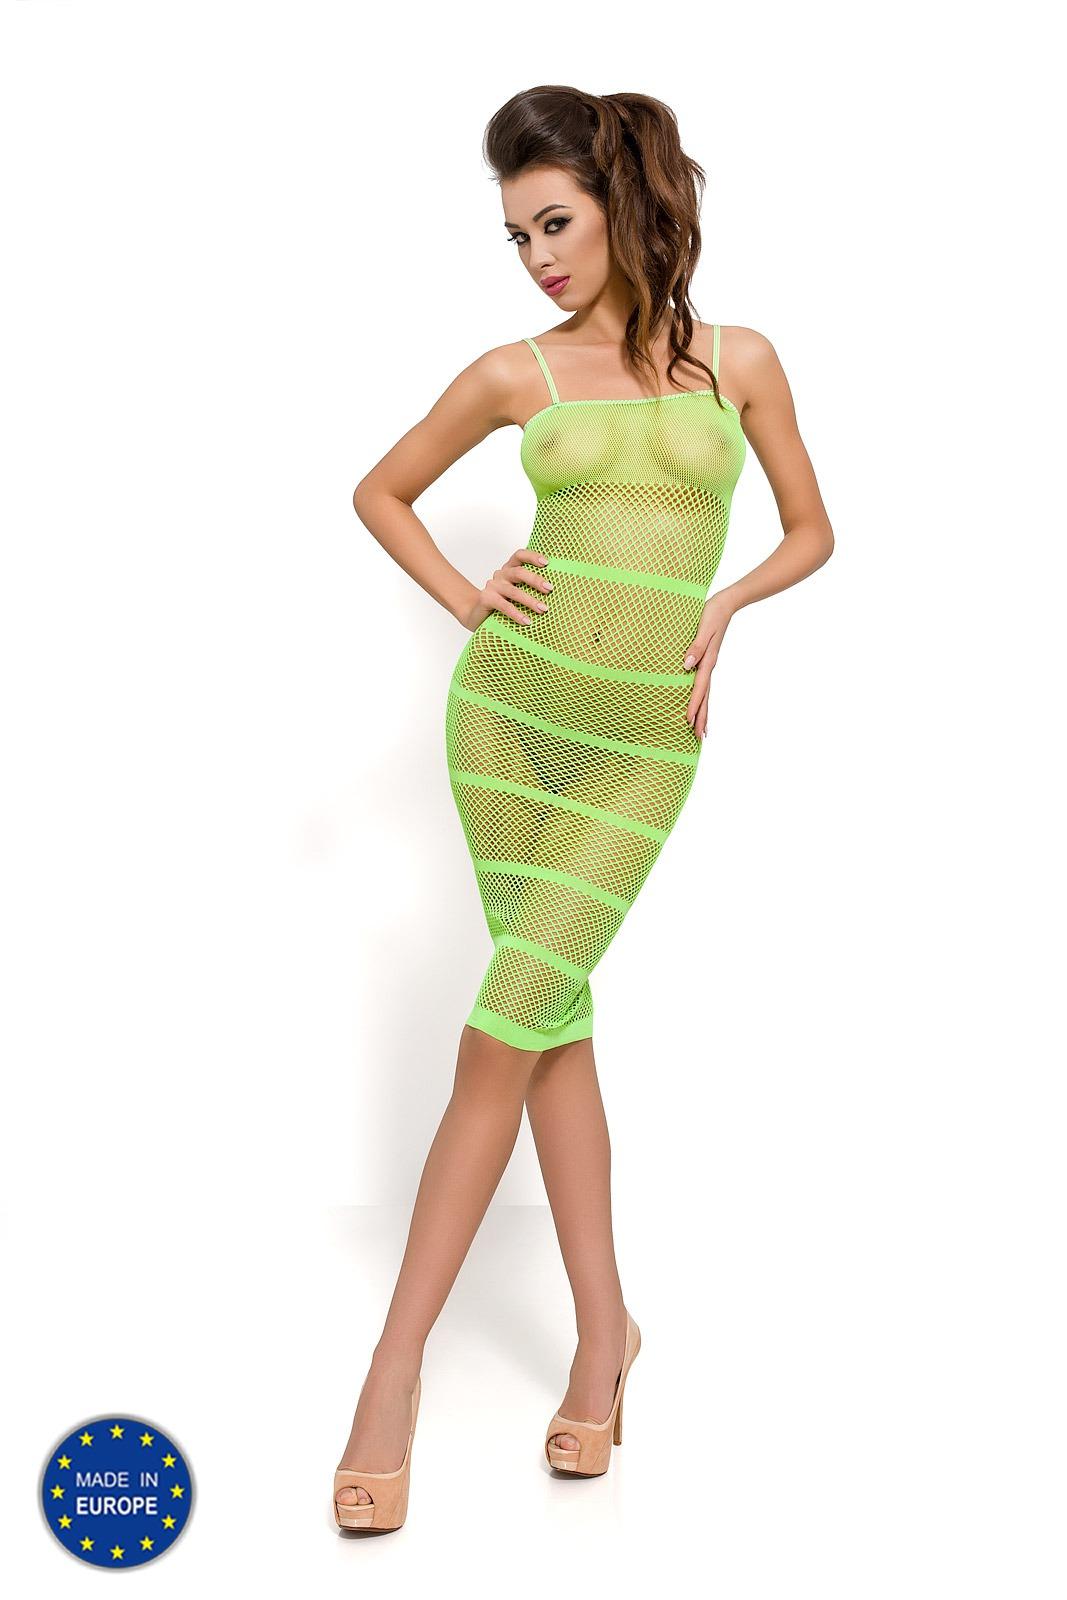 Прозрачное сексуальное платье Passion PBS033, зеленое